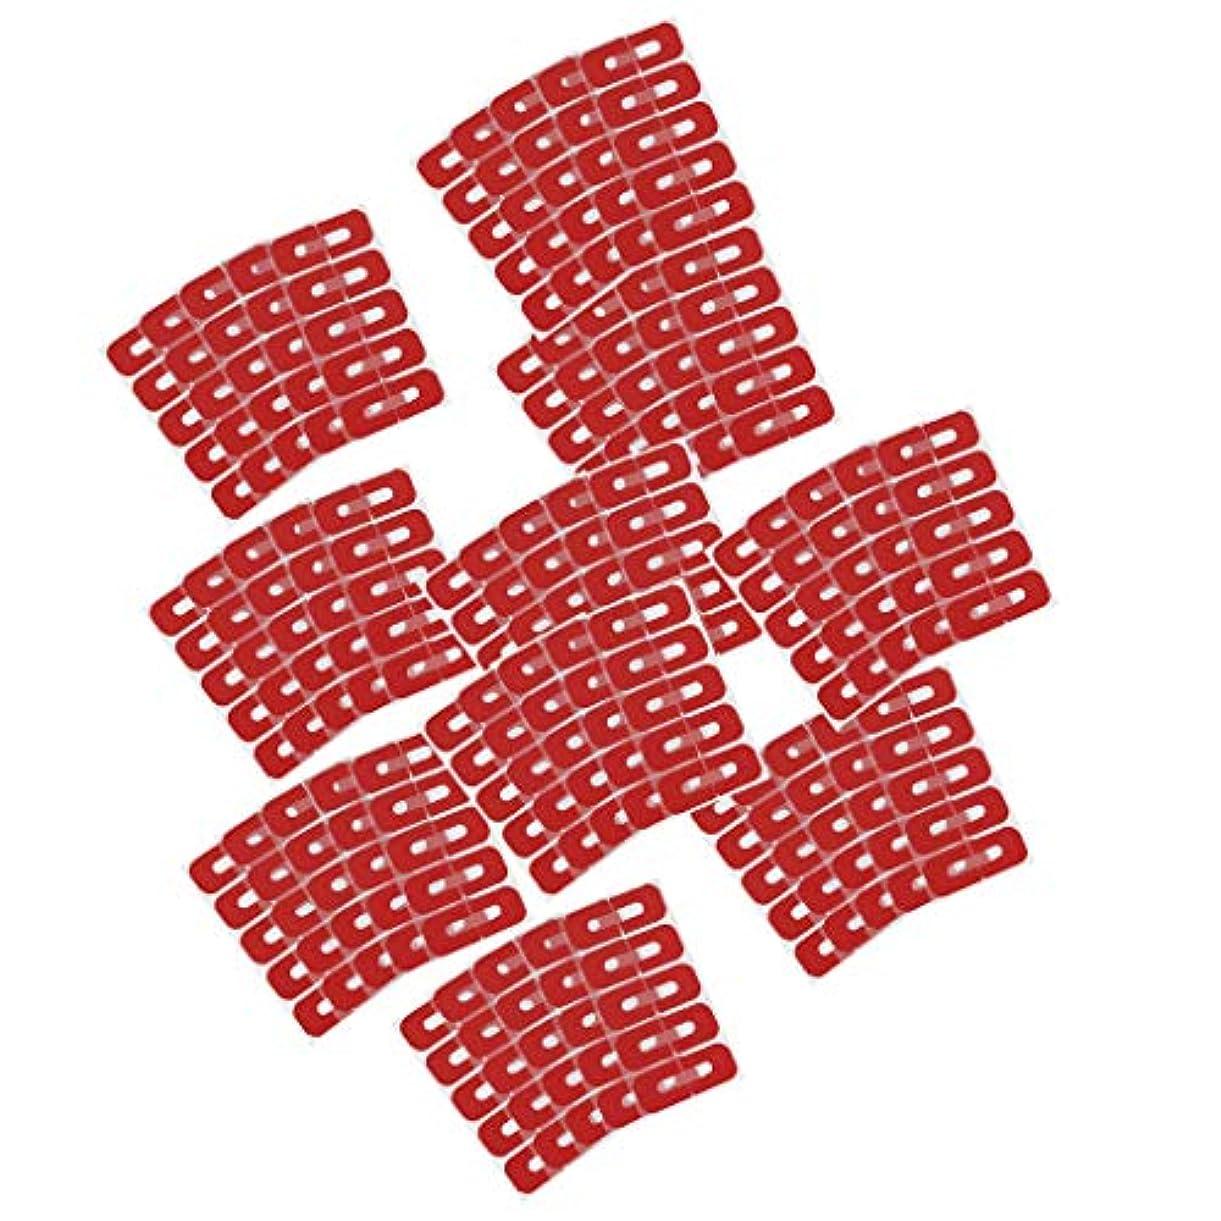 論文メーター祈り50ピースレッド使い捨てピールオフテープネイルアート流出防止スキンバリアポリッシュプロテクターカバーガード